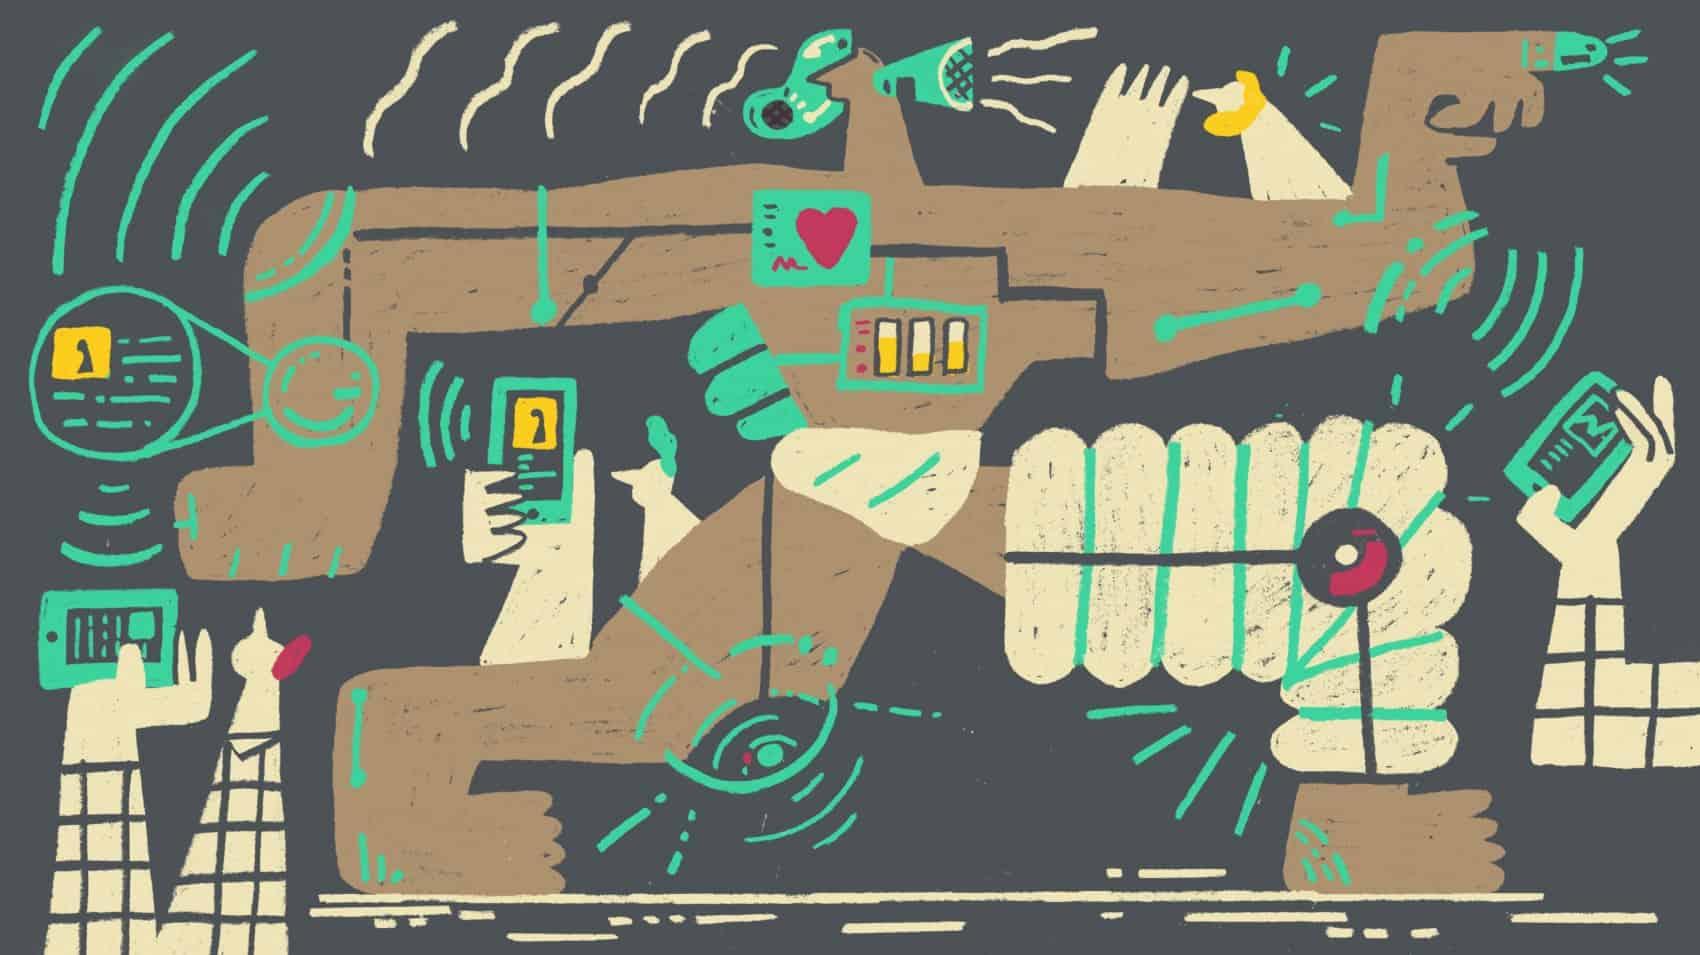 خمس طرق يمكنك بها أن تتحول تدريجياً إلى إنسان معزز آلياً